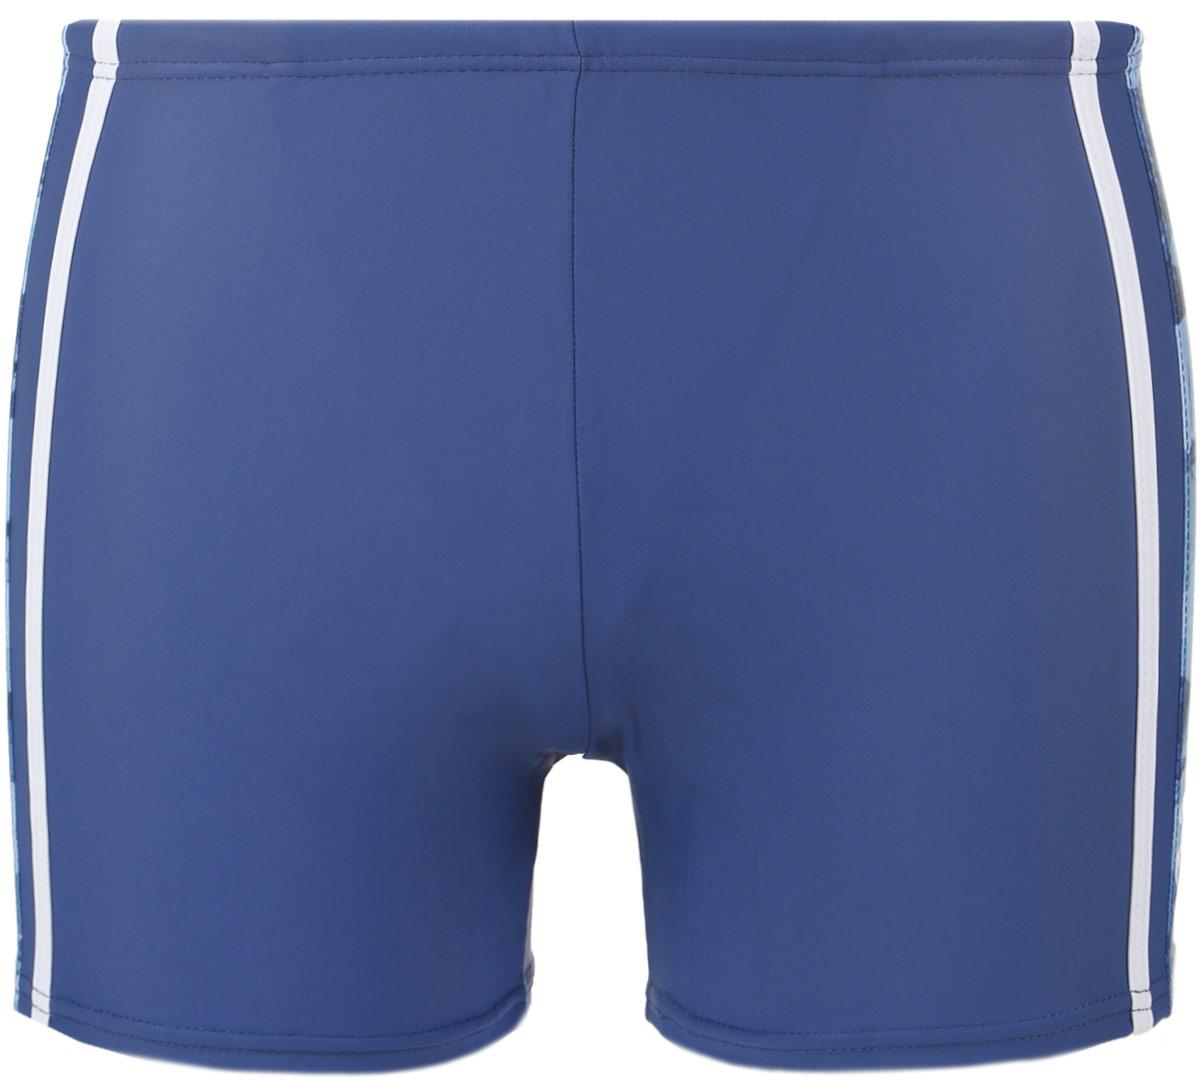 Плавки-шорты мужские Emdi, цвет: синий, голубой. 07-0603-200. Размер 4207-0603-200_41Мужские плавки-шорты Emdi, изготовленные из эластичного полиамида, быстро сохнут и сохраняют первоначальный вид и форму даже при длительном использовании. Удобная посадка, плоские швы и широкая резинка на талии, регулируемая скрытым шнурком, обеспечат наибольший комфорт. Оформлено изделие контрастными боковыми вставками, лампасами и термоаппликацией в виде названия бренда. Модель создана для тех, кто предпочитает удобство, практичность и современный дизайн. Плавки-шорты подходят как для занятий спортом, так и для пляжного отдыха.